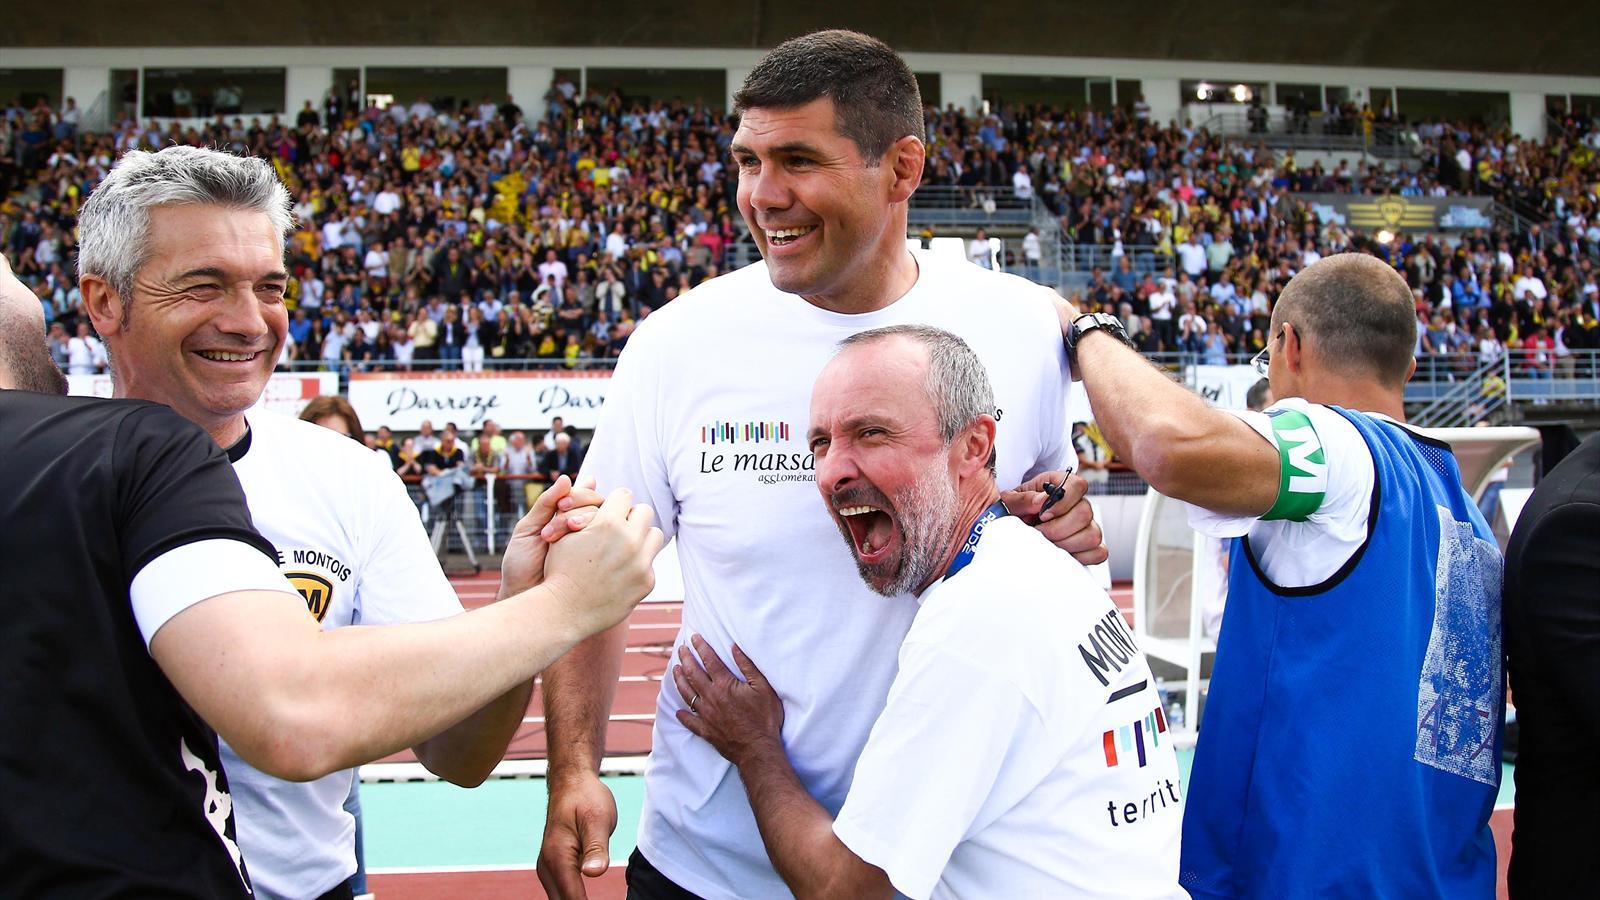 La joie de David Auradou à l'issue de la victoire de Mont-de-Marsan sur Albi en demi-finale